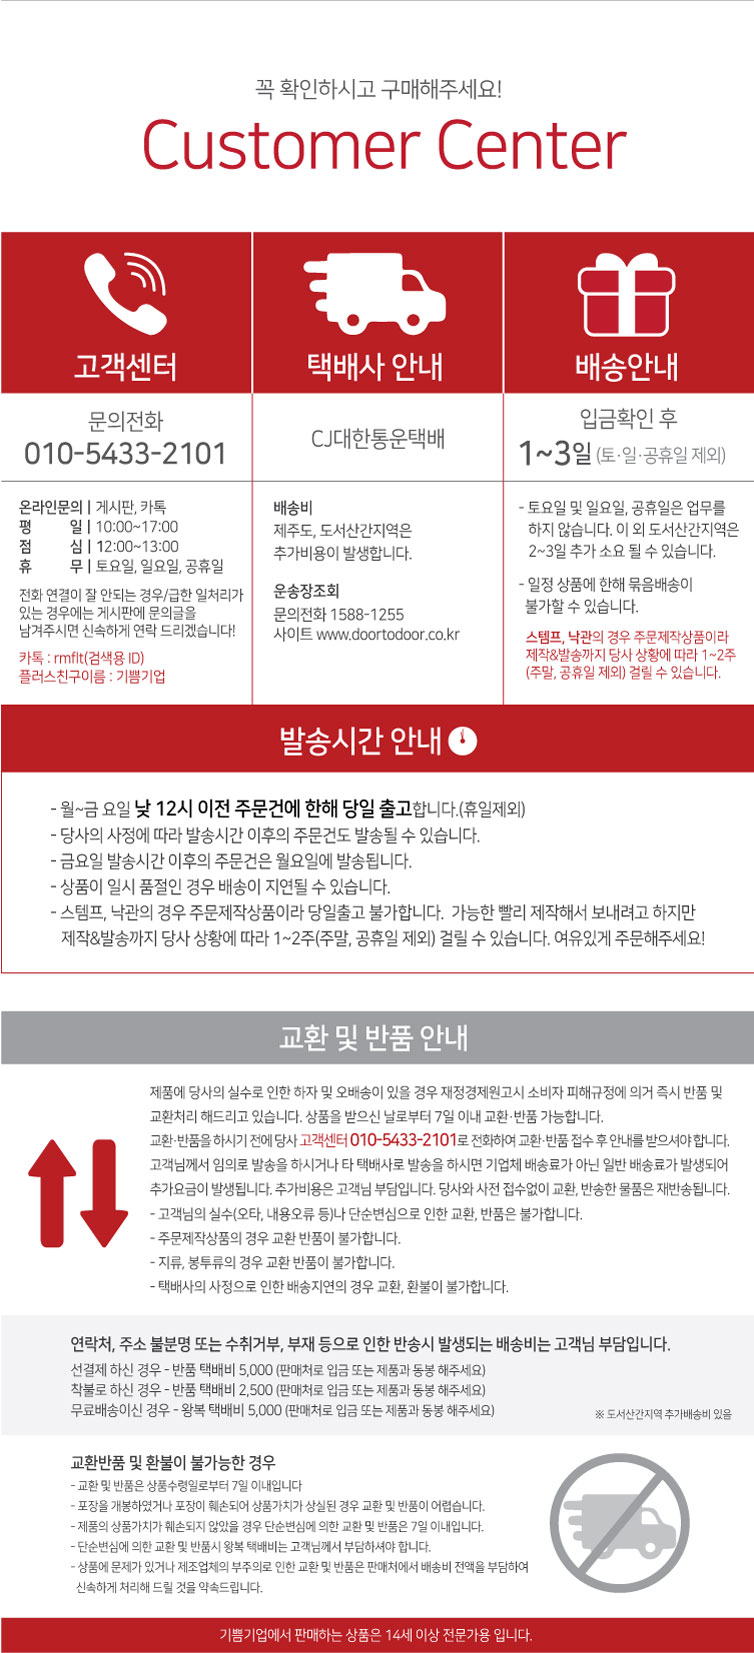 스탬프 잉크패드 23color - 기쁨기업, 1,200원, 스탬프, 씰링/잉크